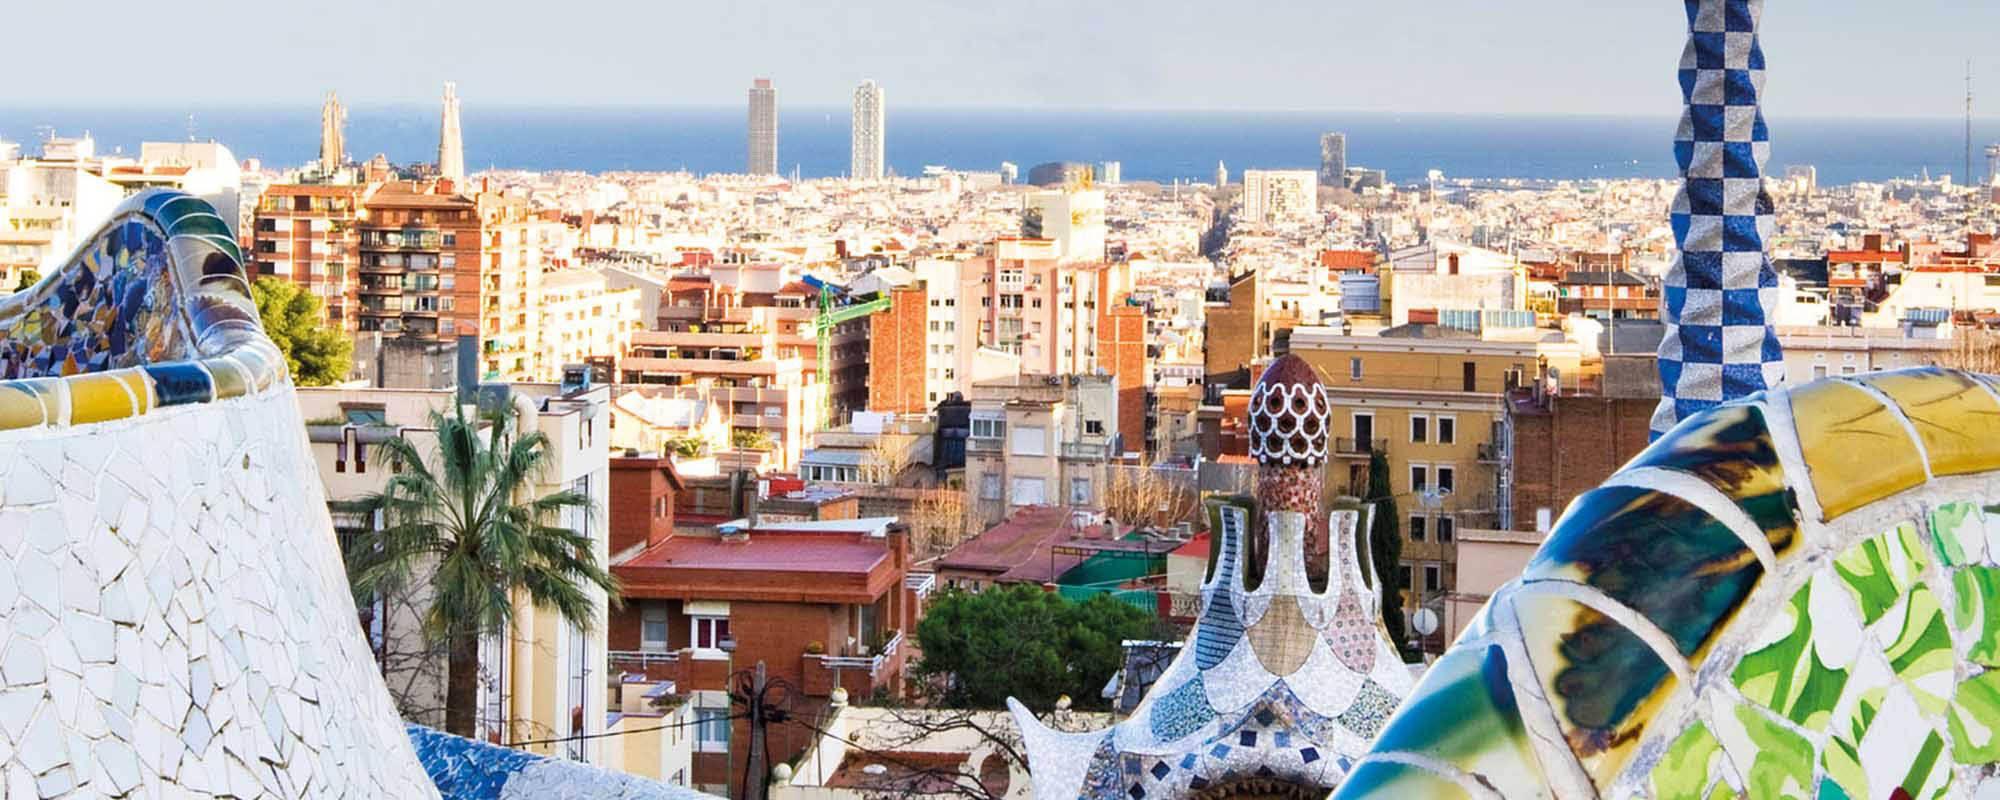 Soggiorni linguistici Barcellona